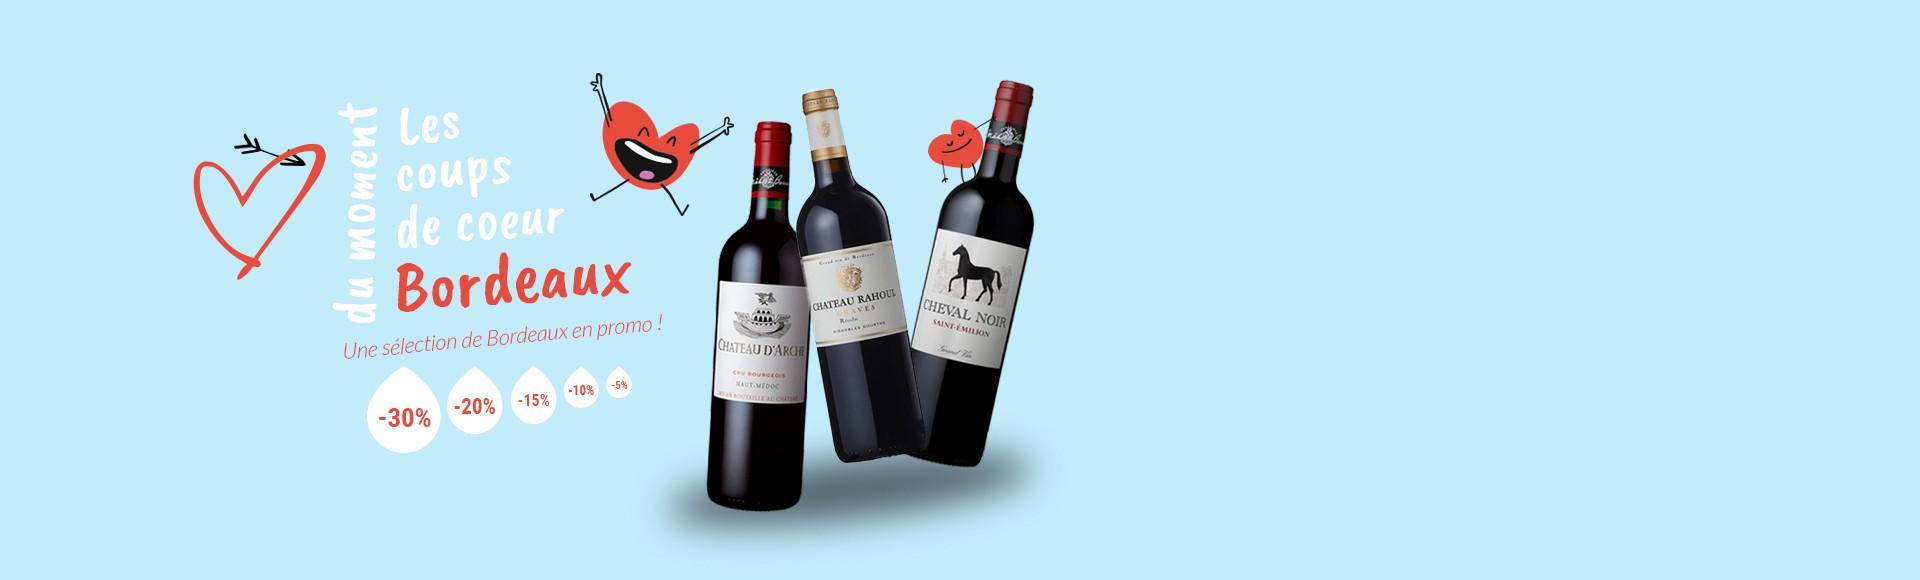 Les coups de cœur Bordeaux !